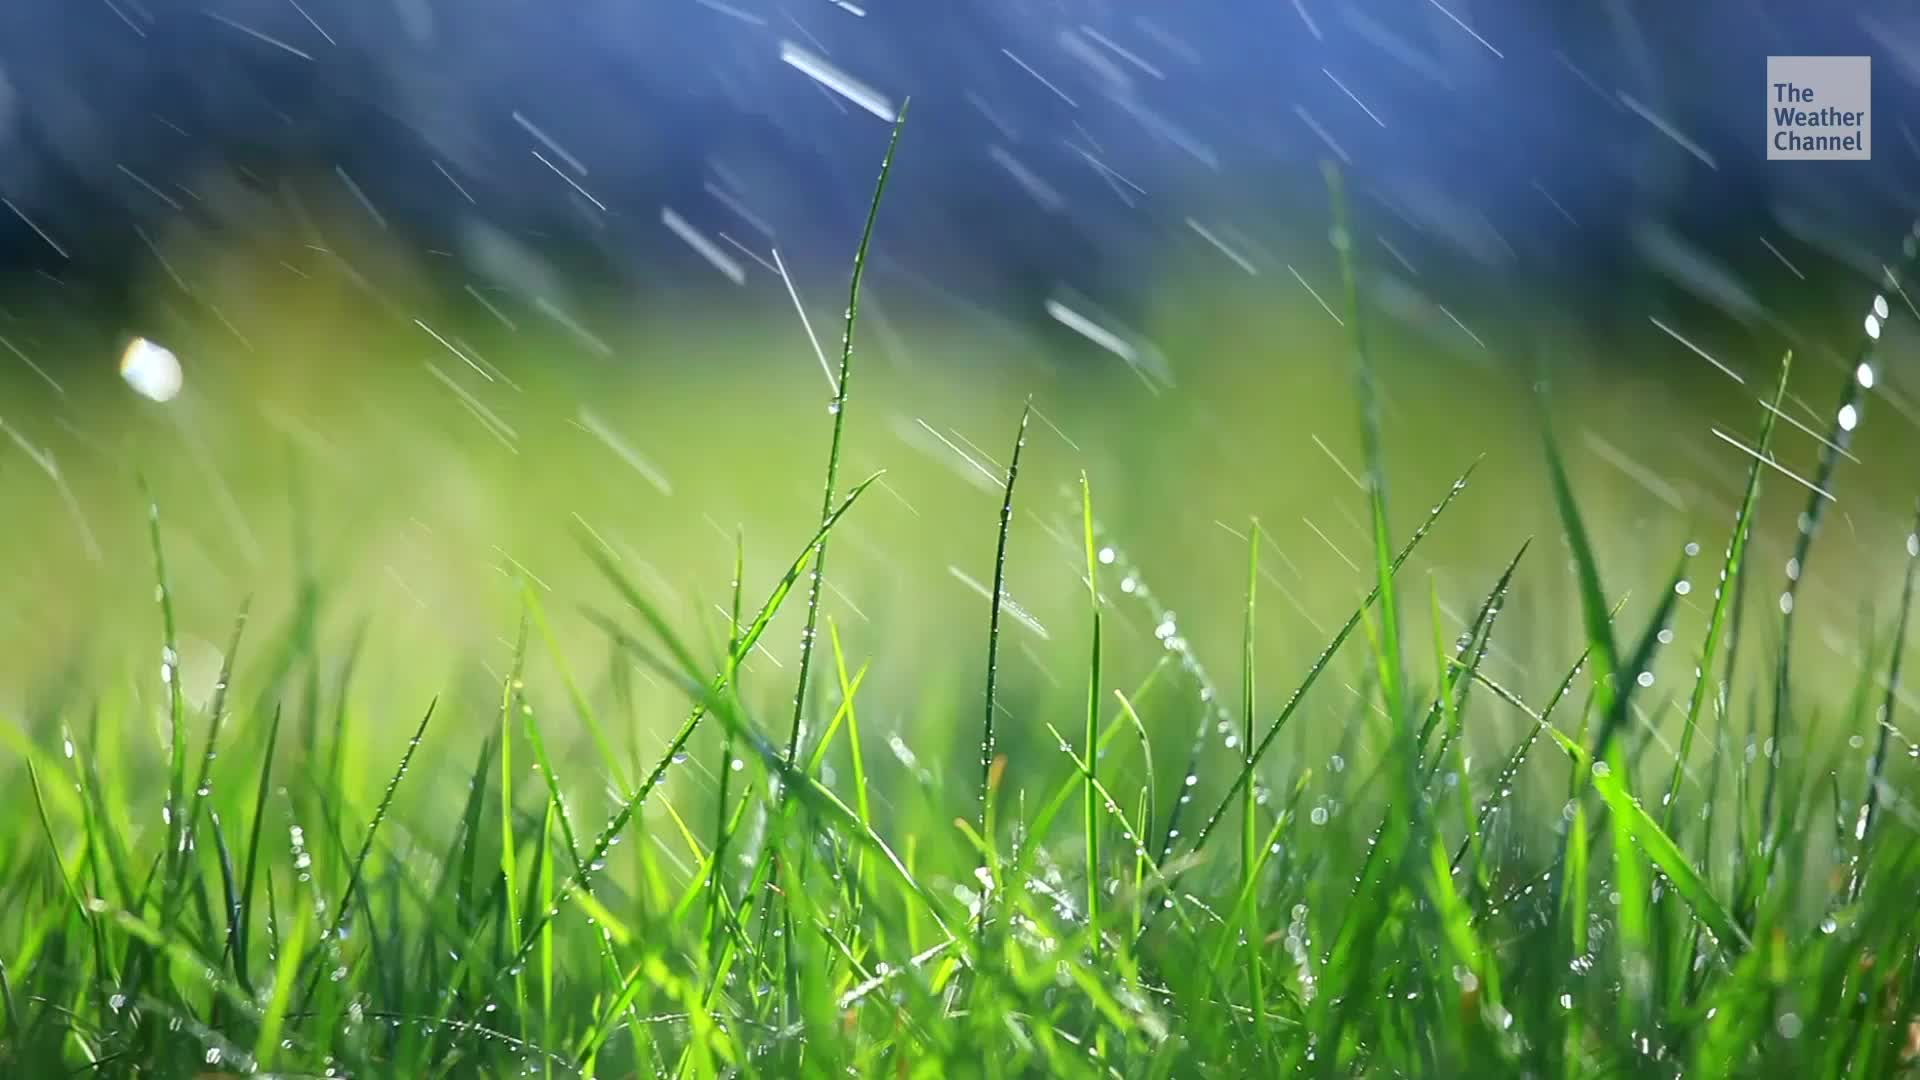 La lluvia puede empeorar tus alergias